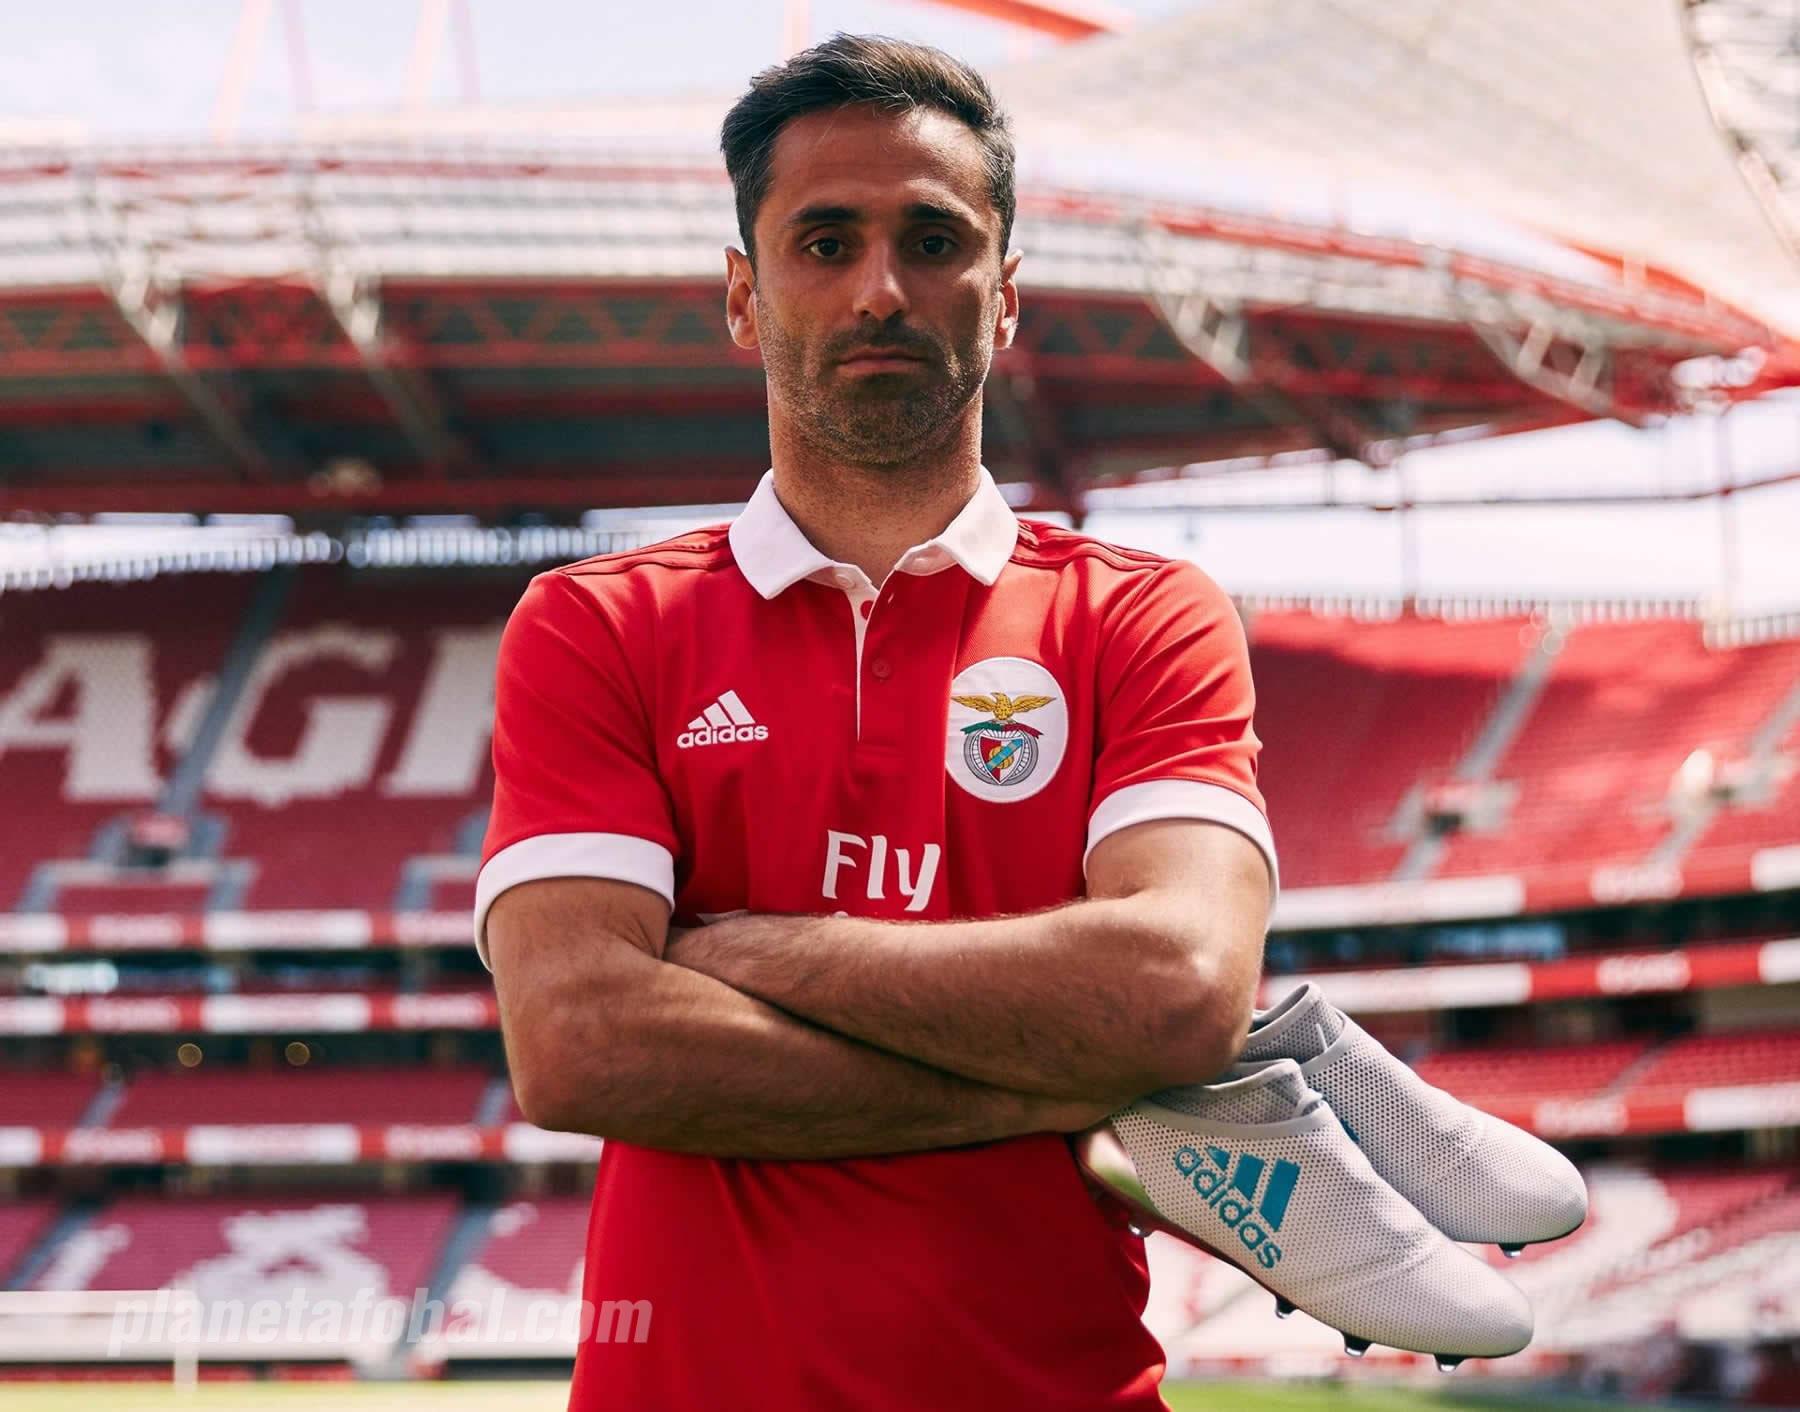 Nueva camiseta titular 2017-18 del Benfica | Foto Web Oficial